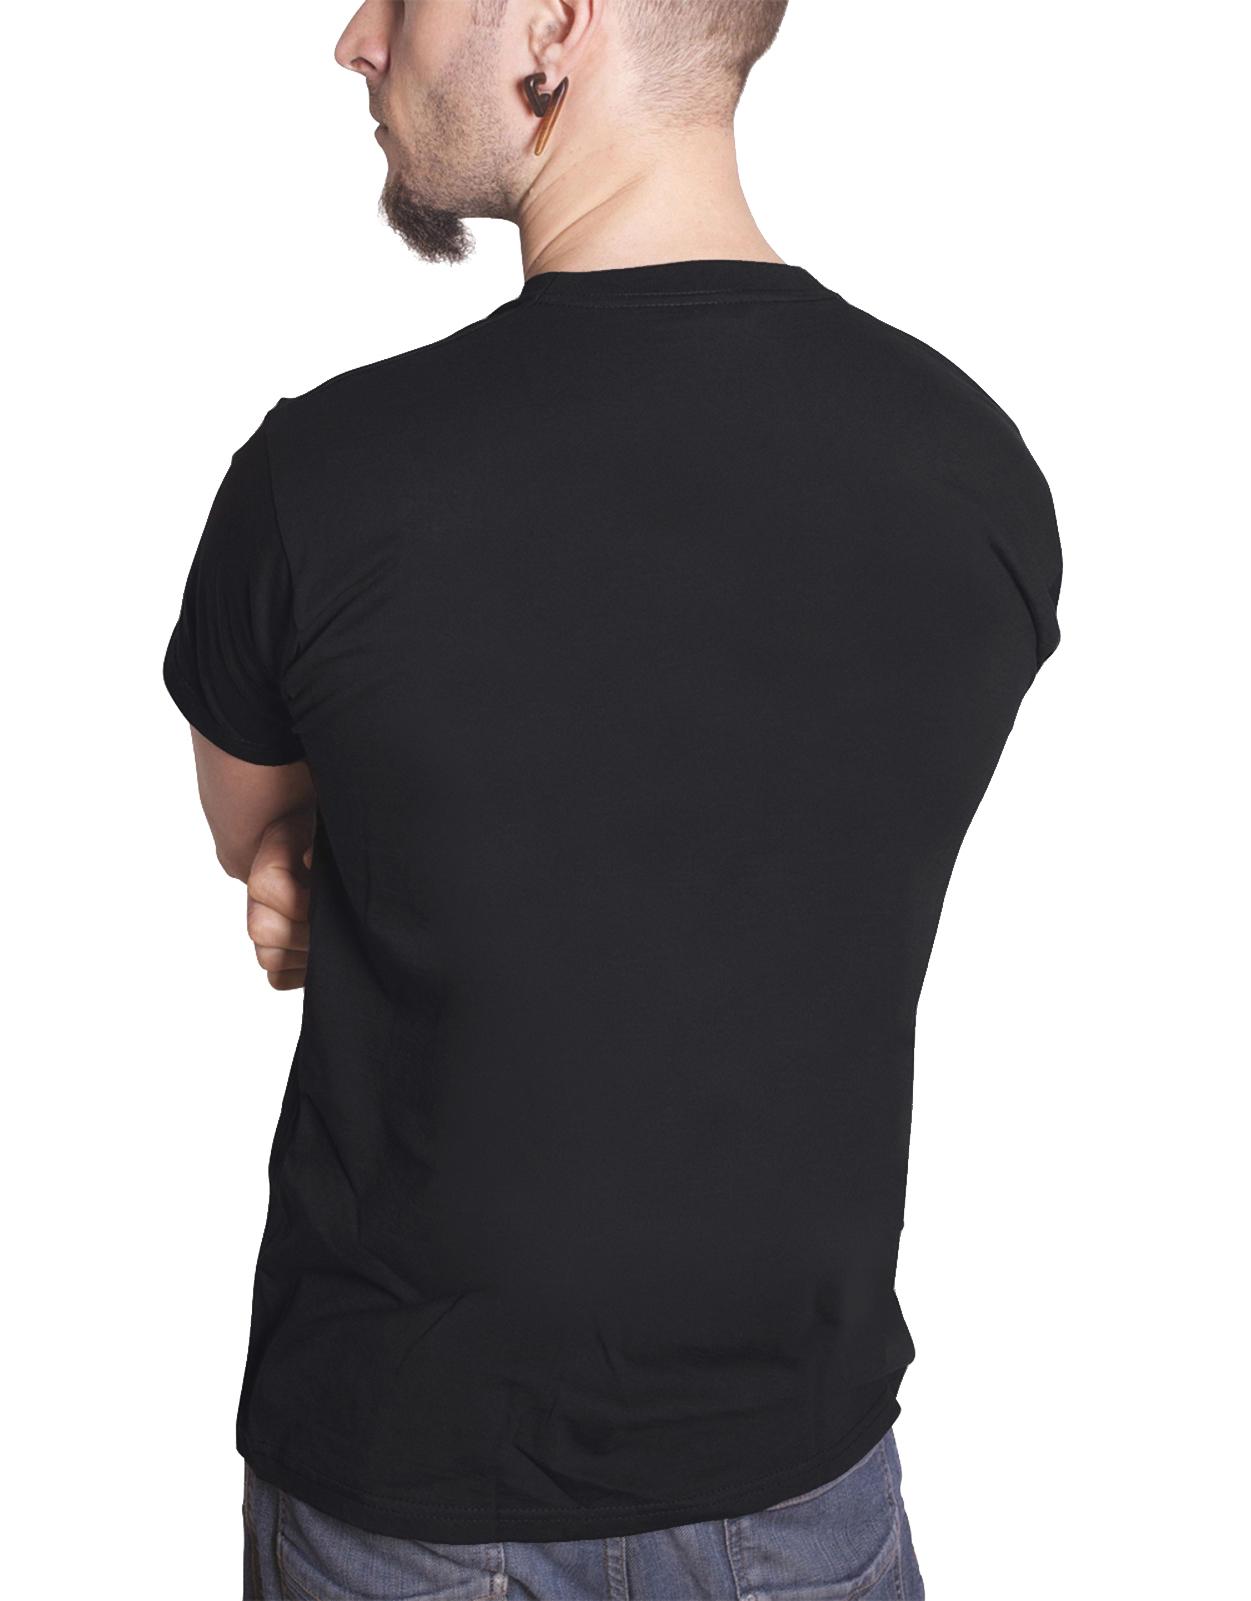 Motorhead-T-Shirt-Lemmy-RIP-England-warpig-clean-your-clock-official-new-mens miniature 21